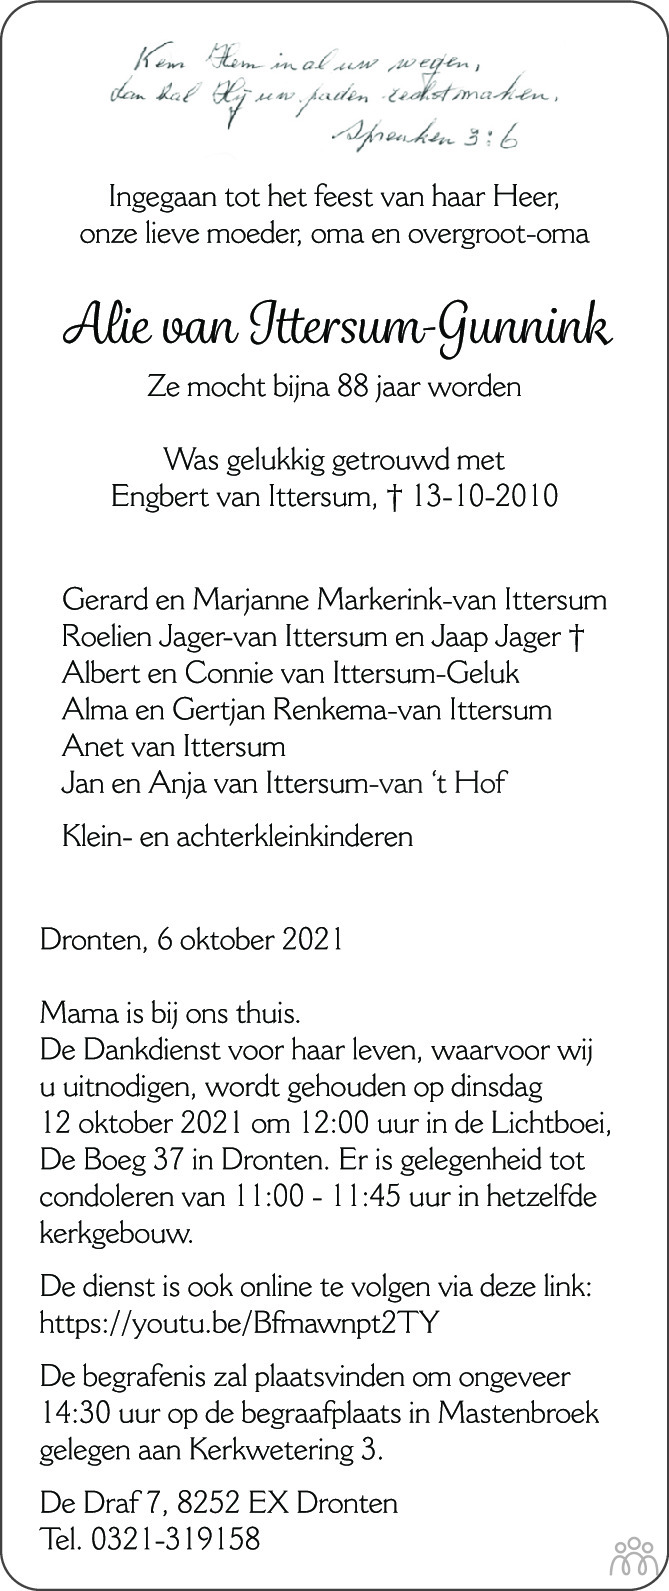 Overlijdensbericht van Alie van Ittersum-Gunnink in de Stentor